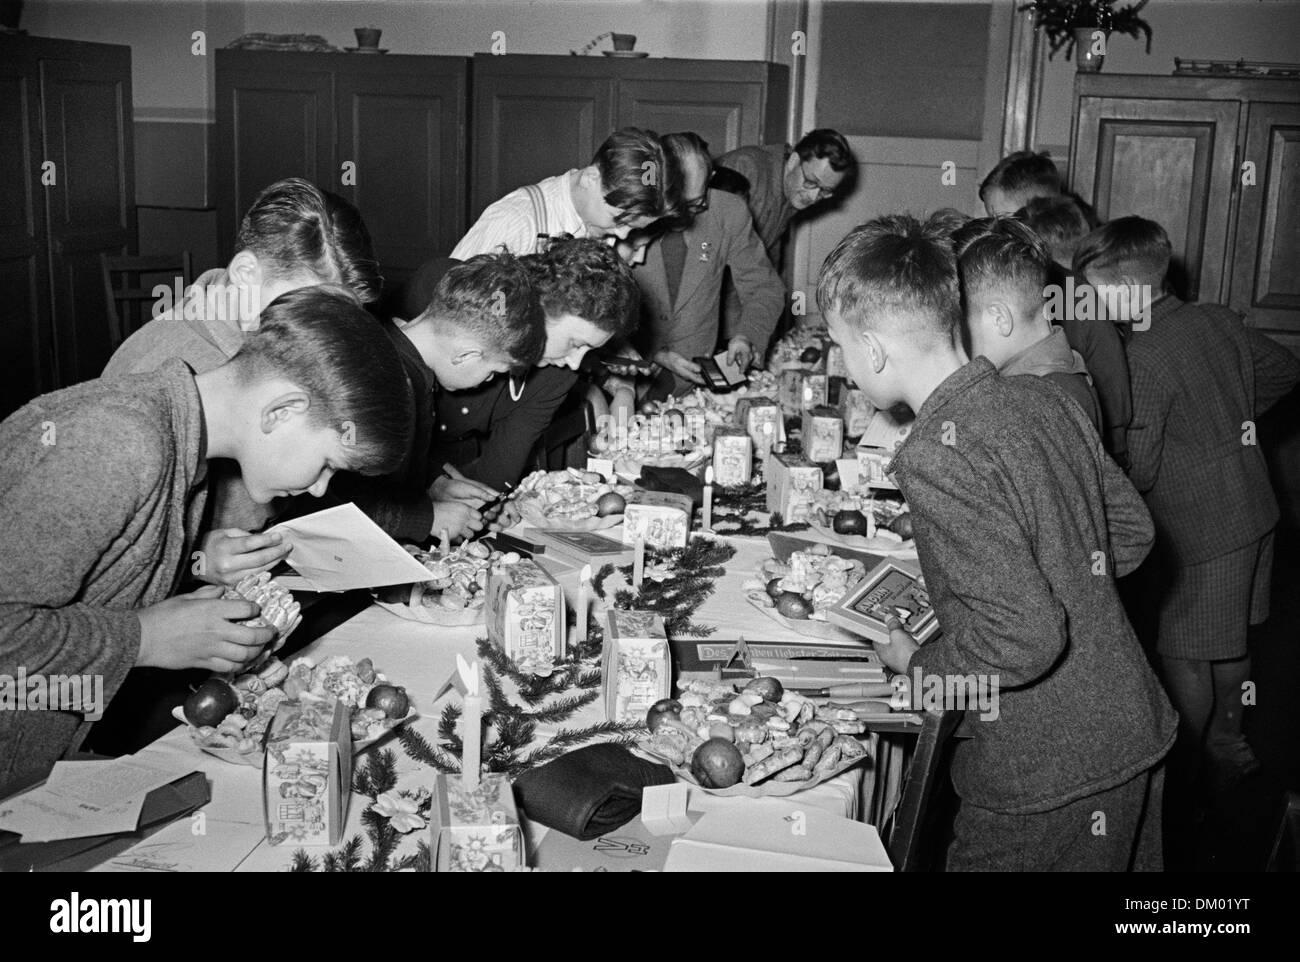 Kinderheim Weihnachtsgeschenke.Weihnachtsgeschenke Sind Auf Einem Tisch Während Der Weihnachtsfeier